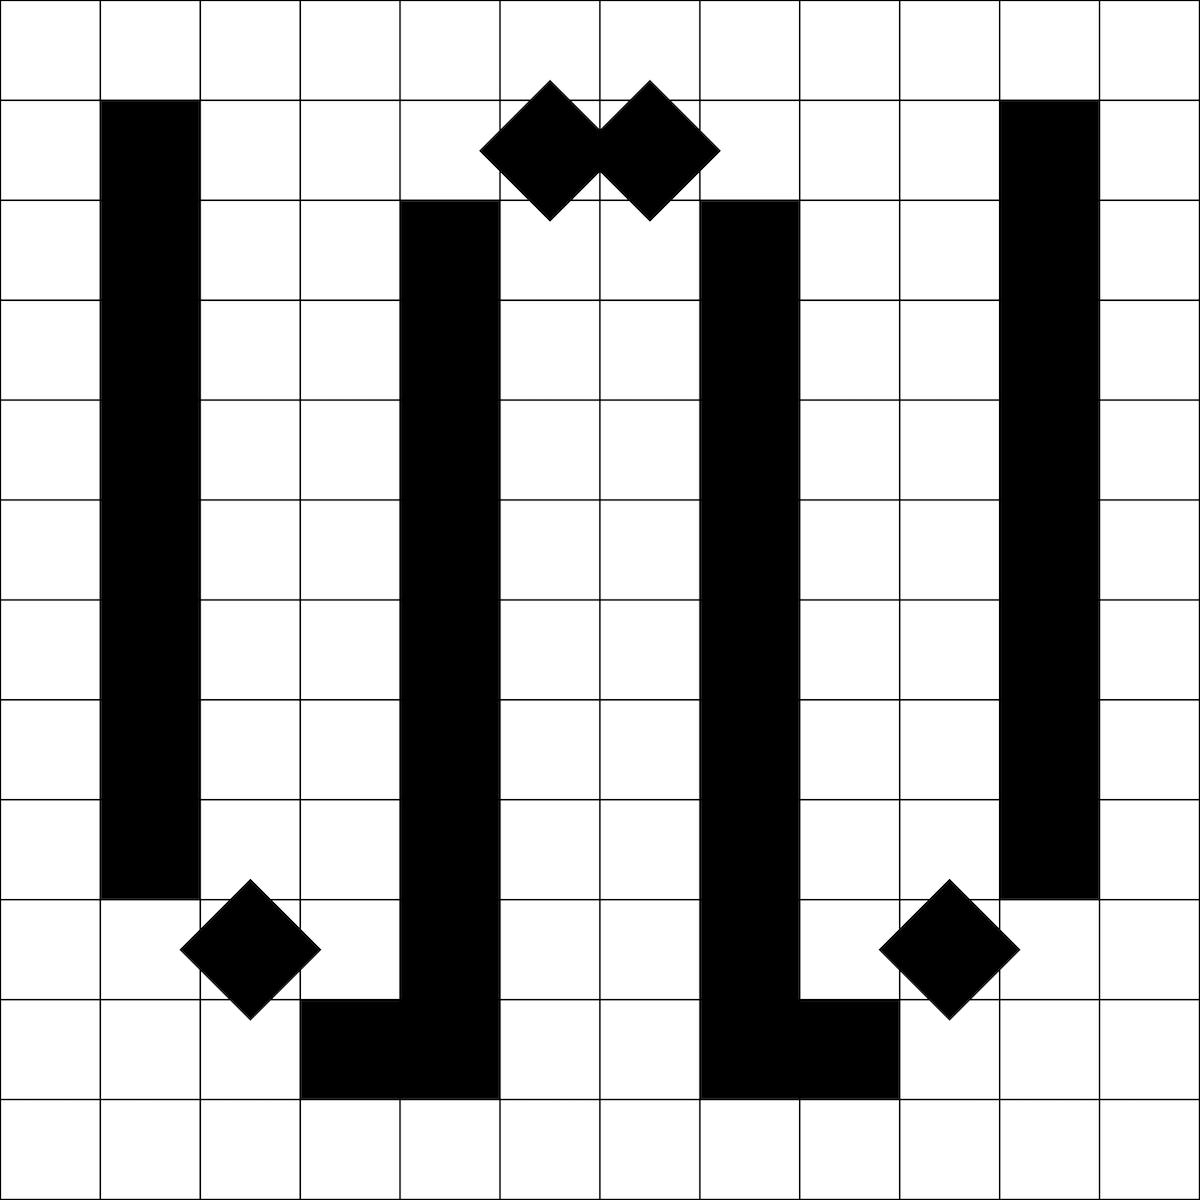 Analo Grotesk pixel font 'w'